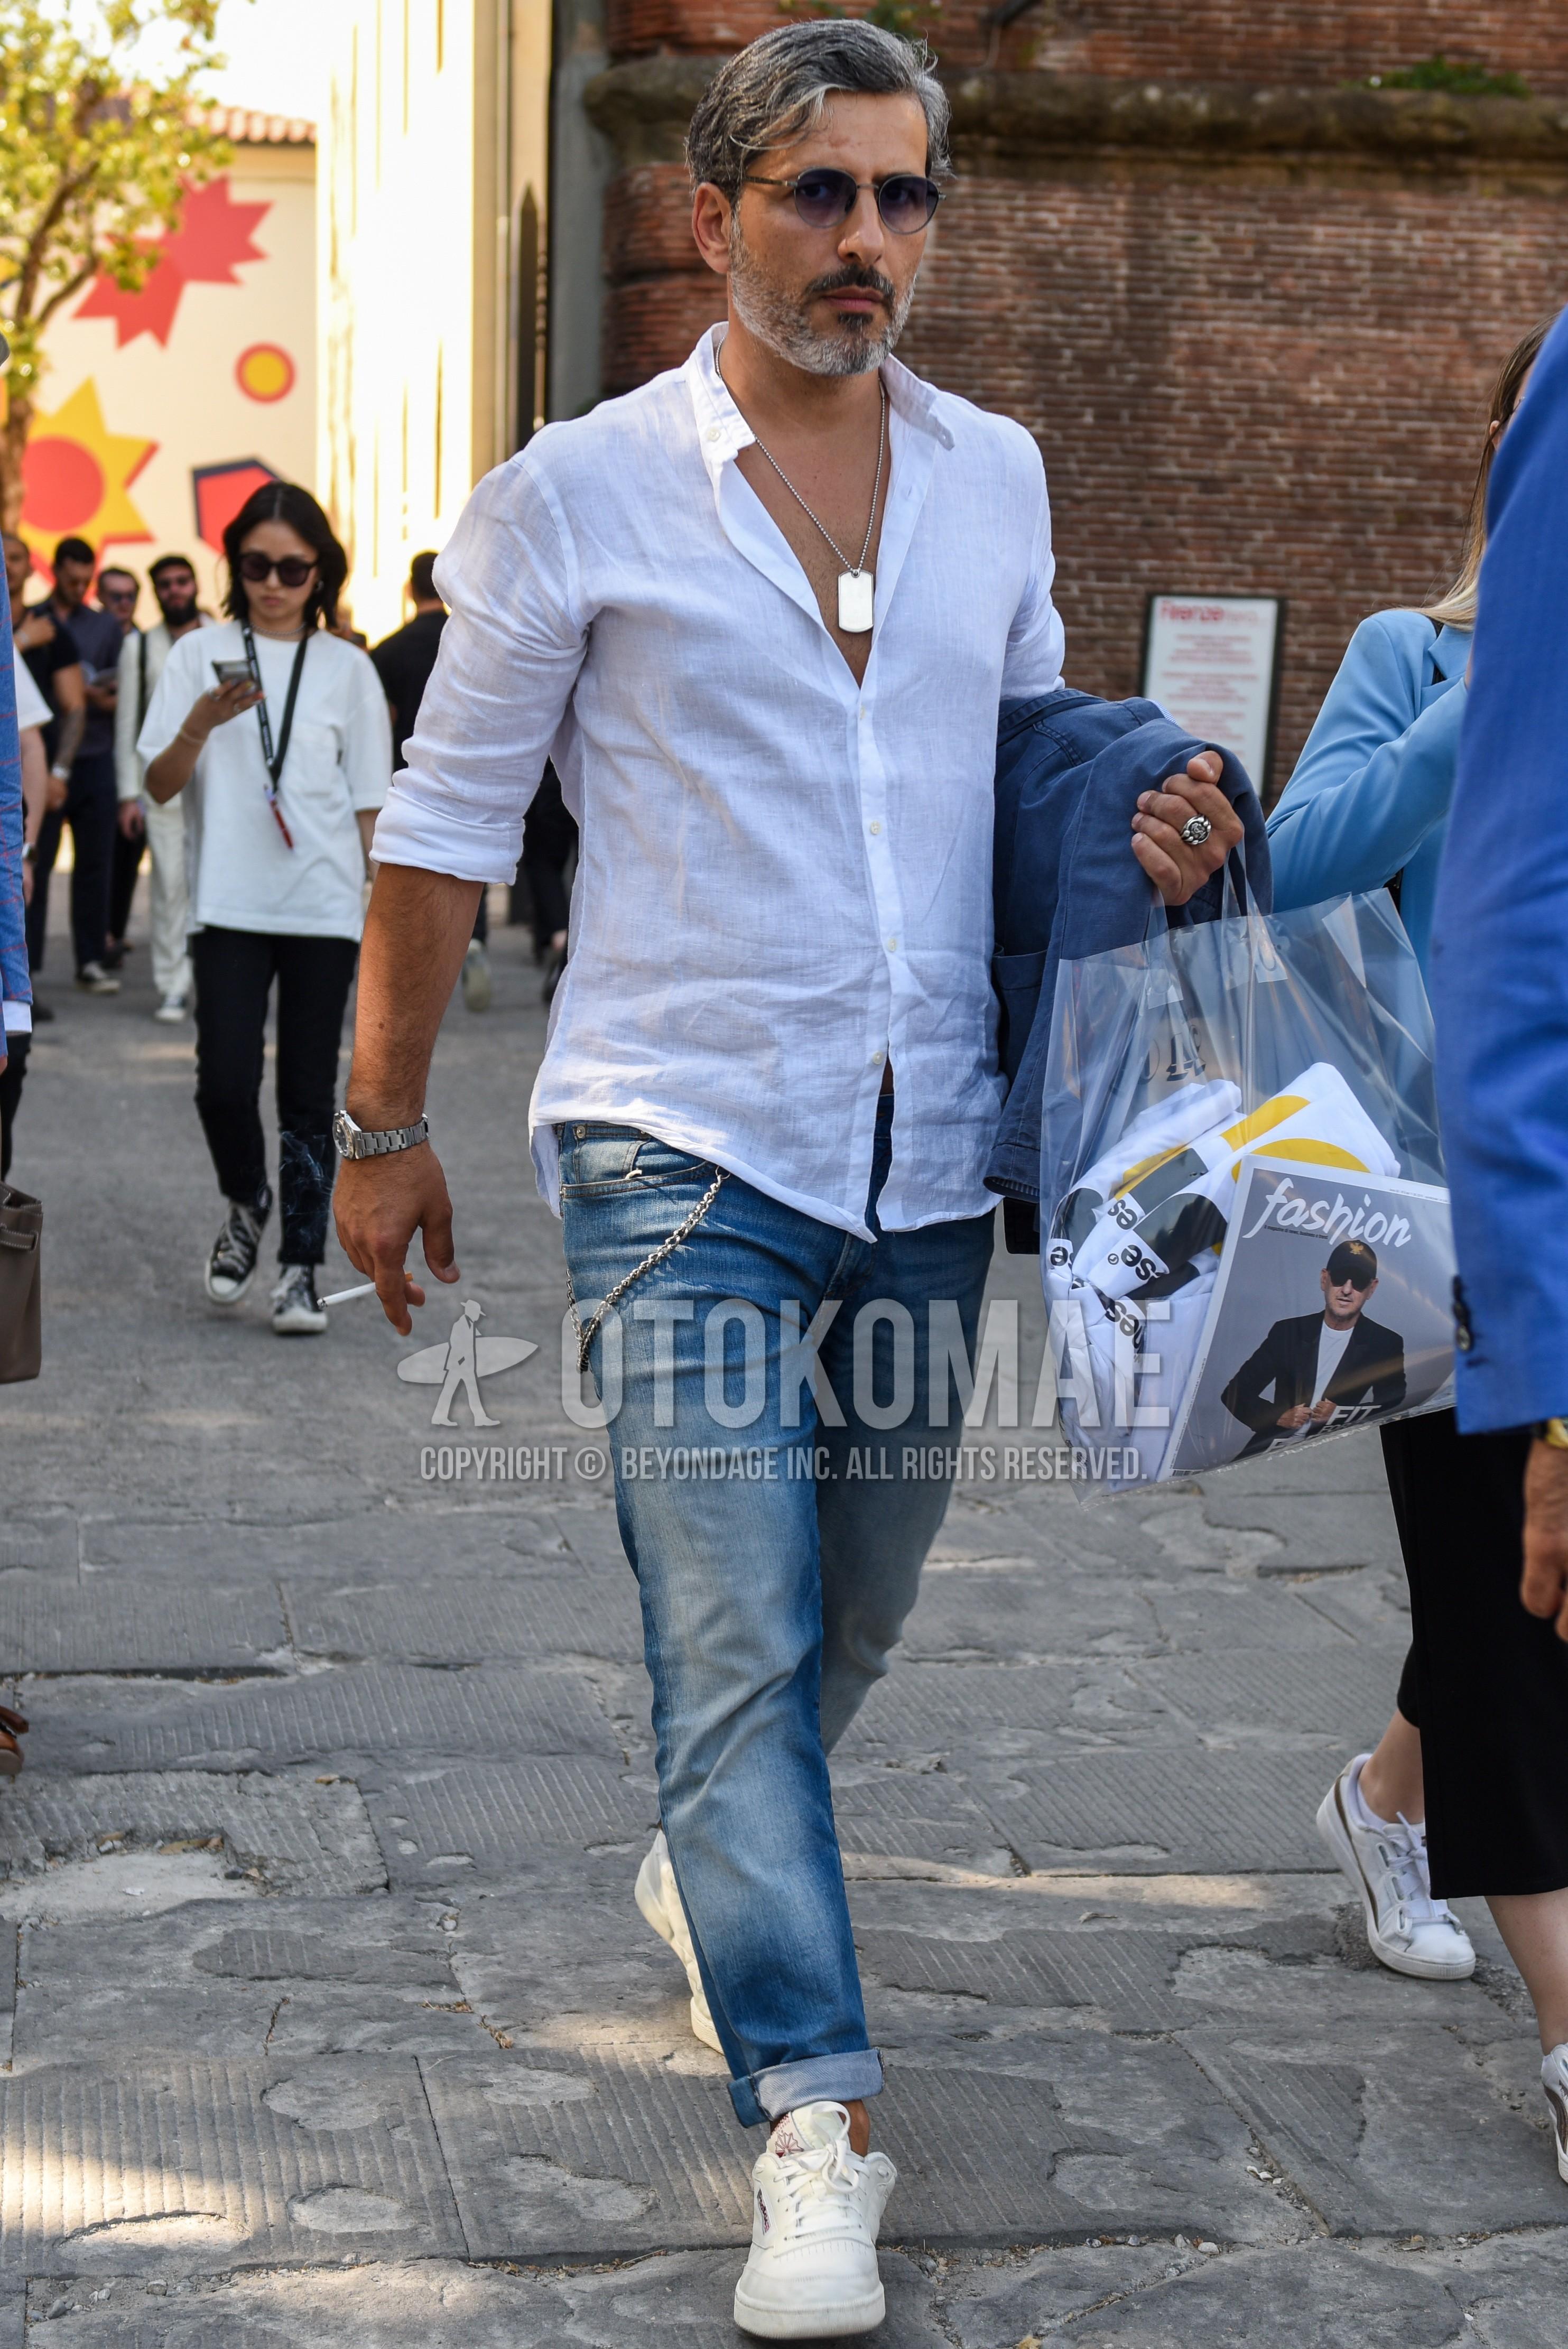 黒無地のサングラス、リネンの白無地のシャツ、ブルー無地のデニム/ジーンズ、白ローカットのスニーカーを合わせた夏のメンズコーデ・着こなし。